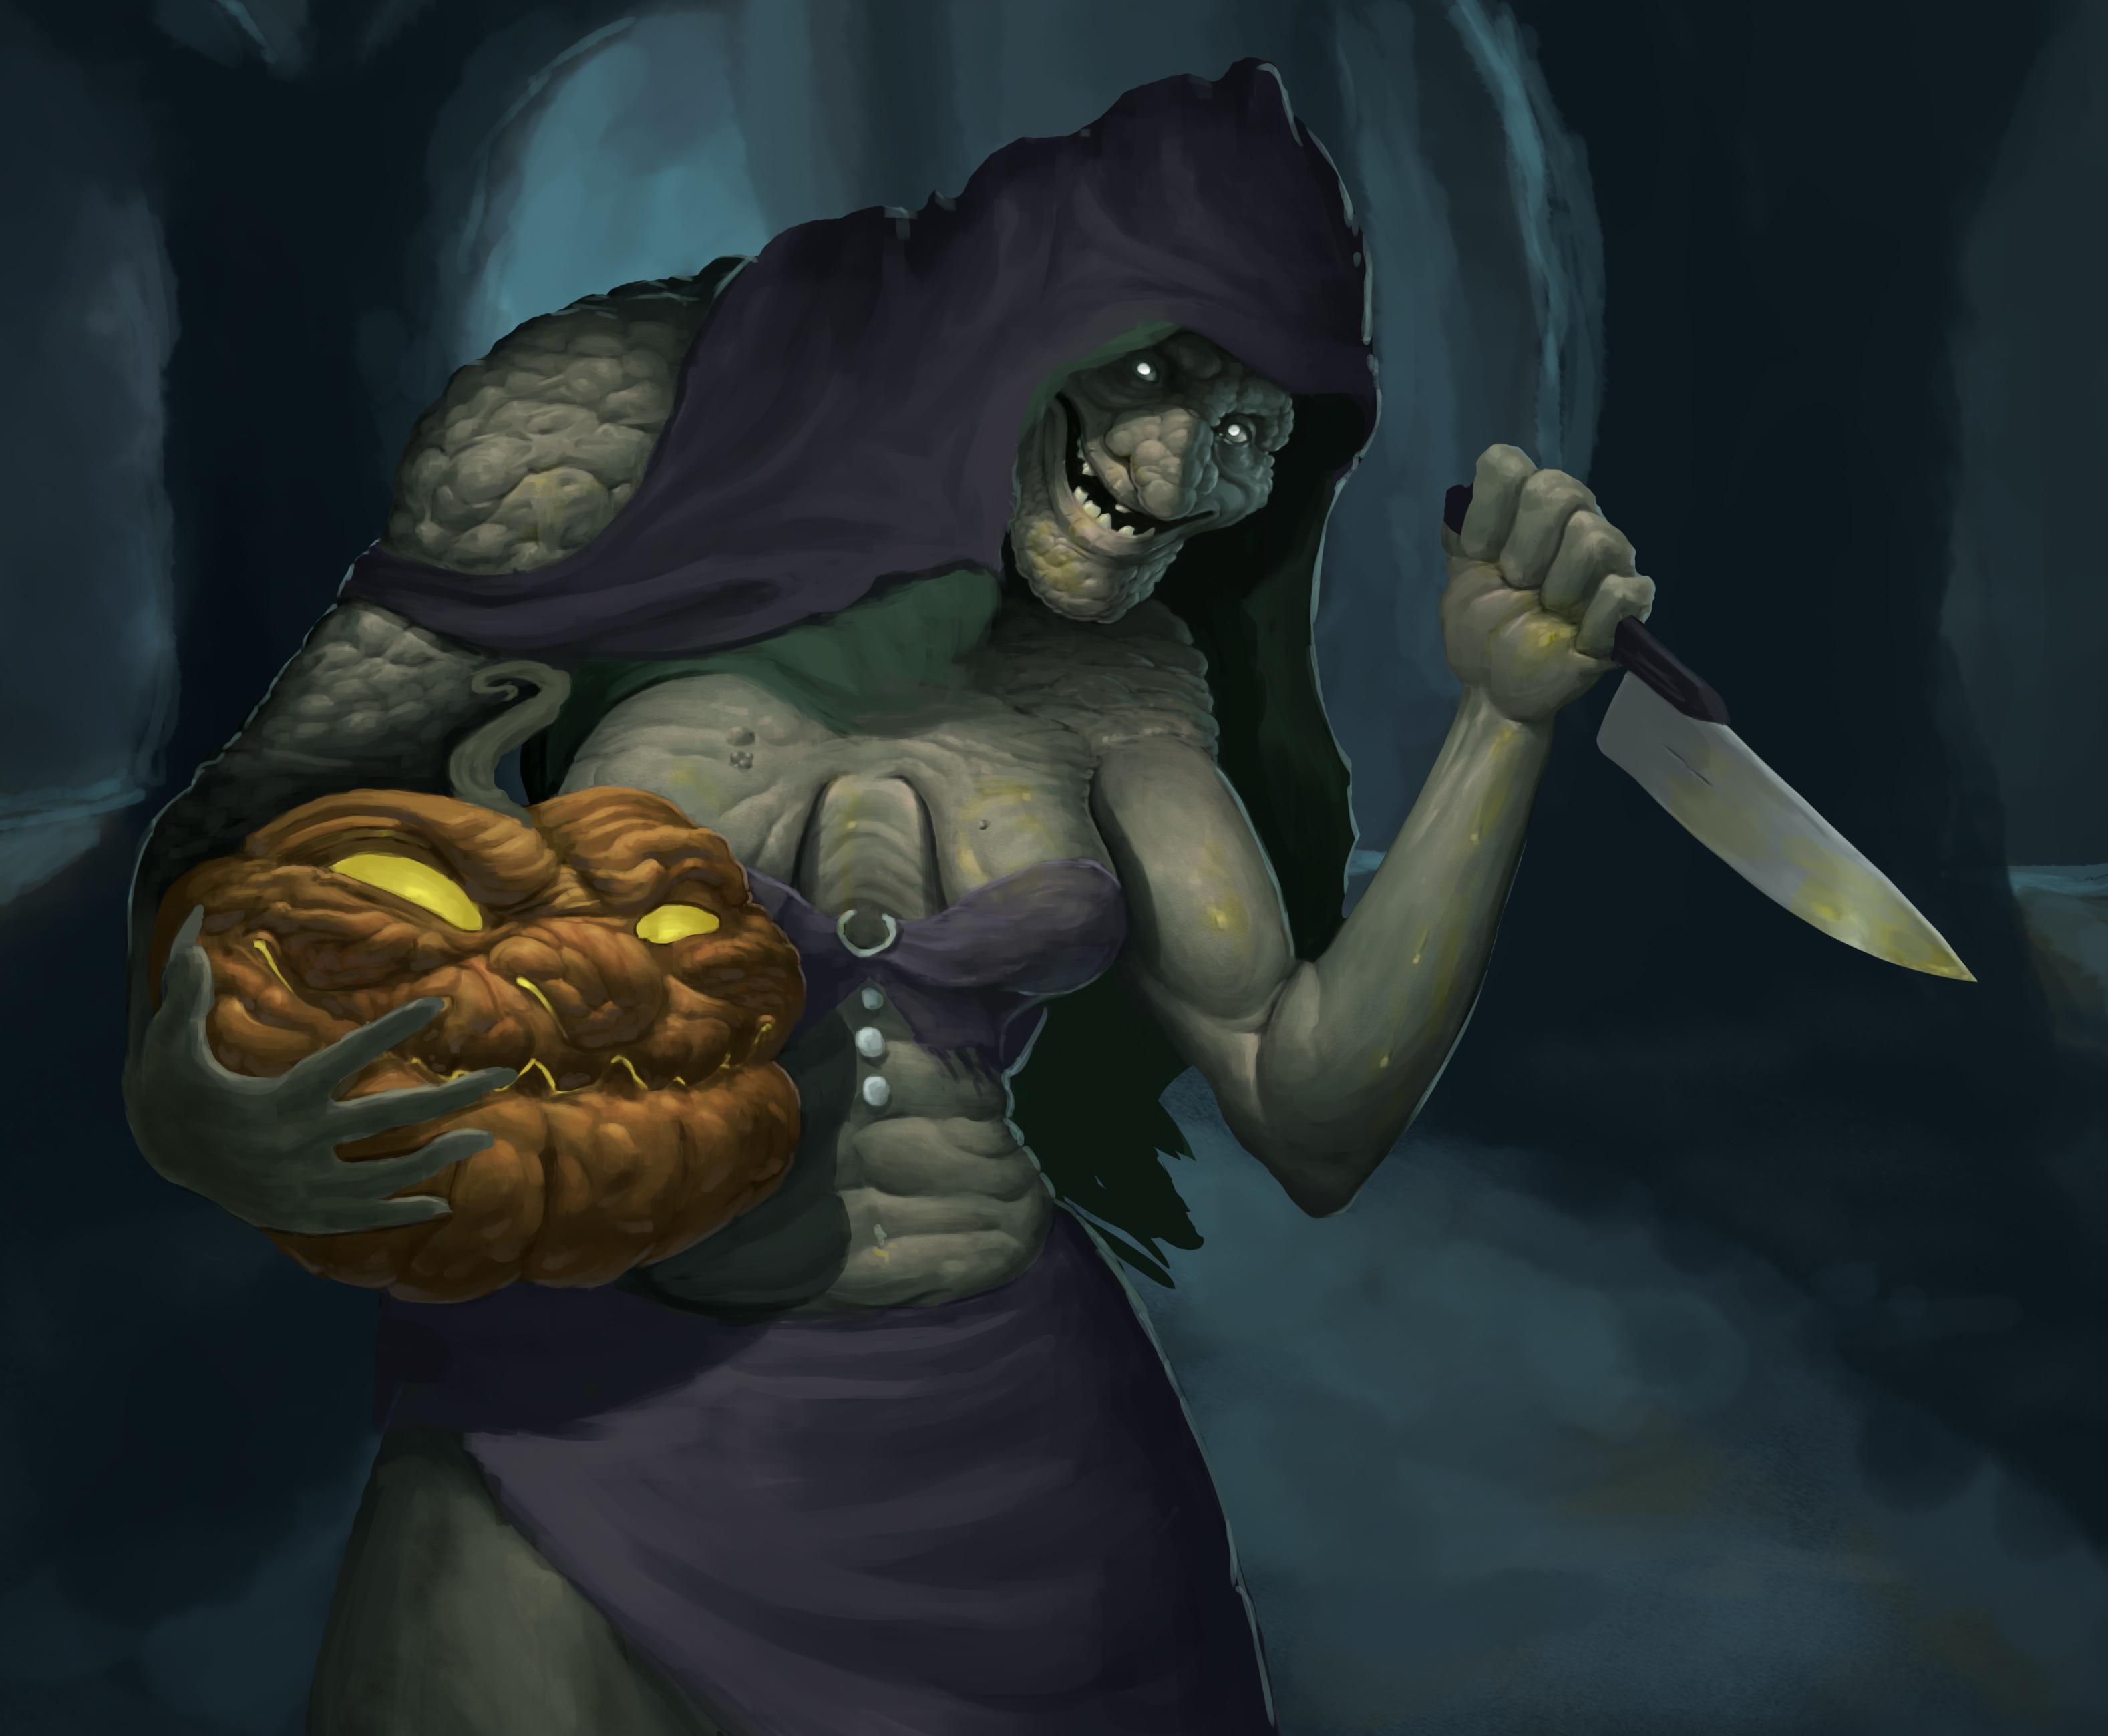 Halloween Hag v.2.jpg3156x2599 1.58 MB